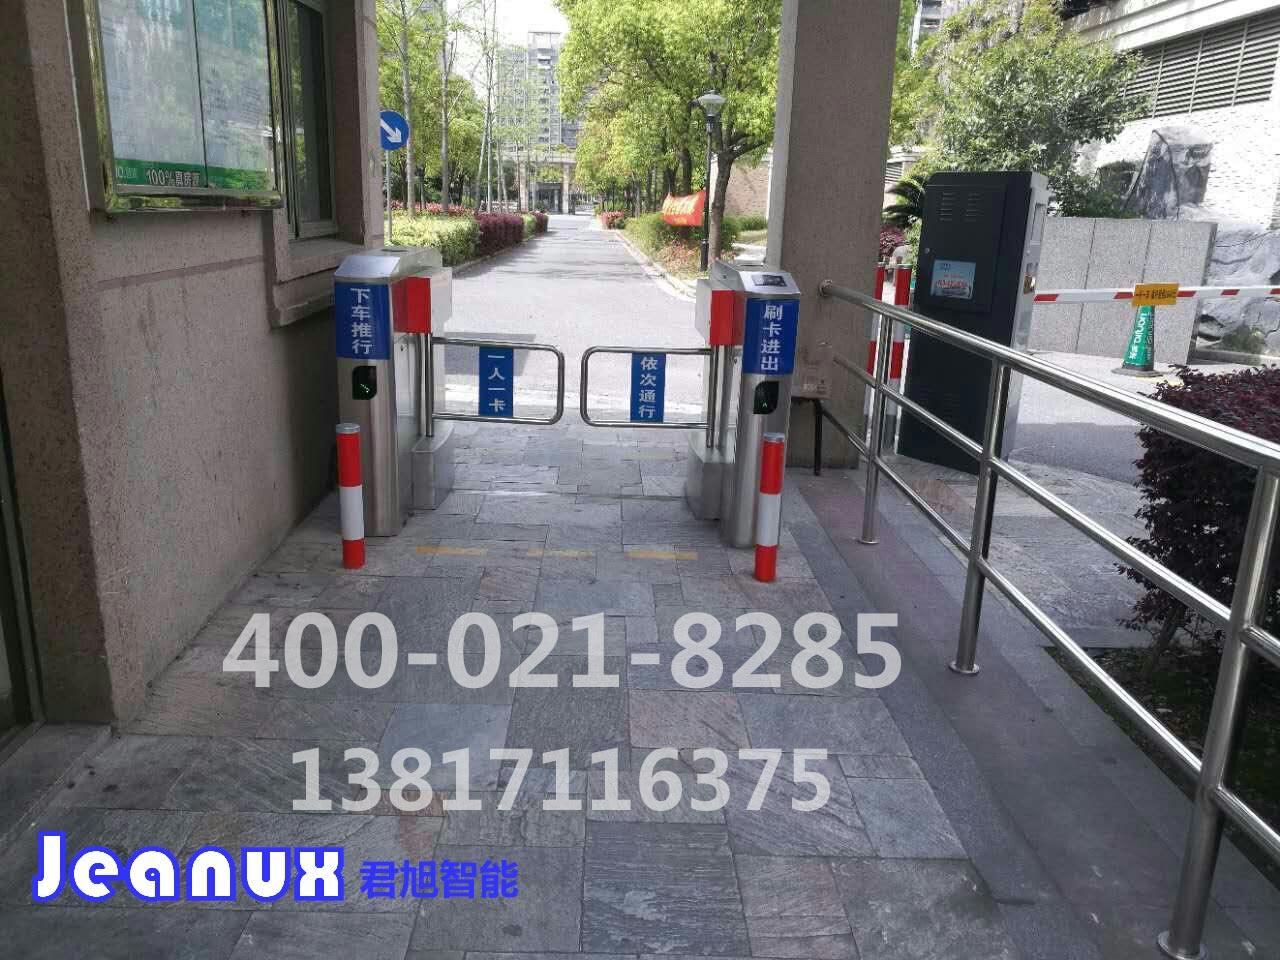 上海汽车牌照识别系统